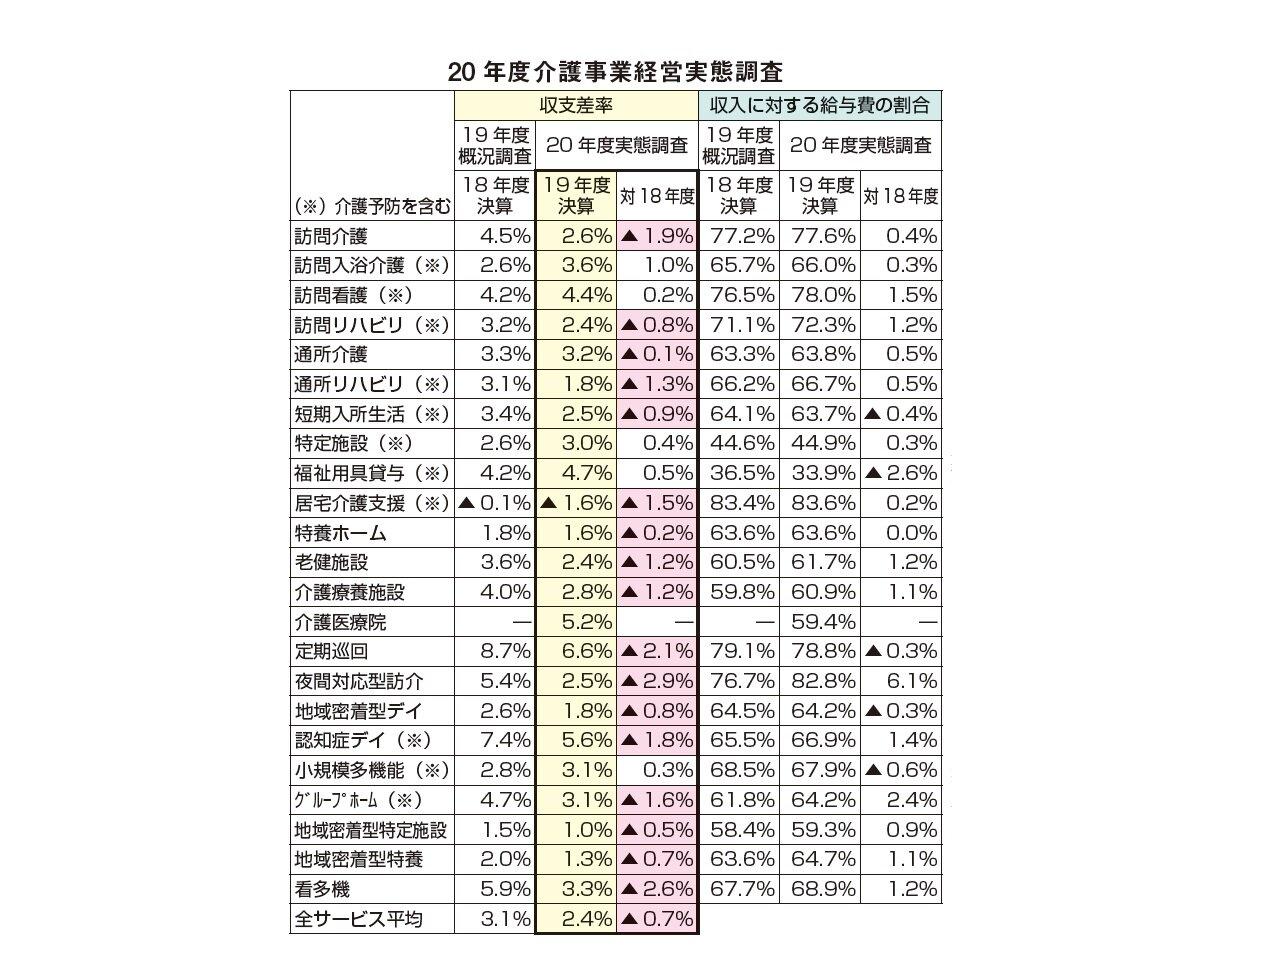 介護経営実調 収支差率2.4% 17サービスで悪化